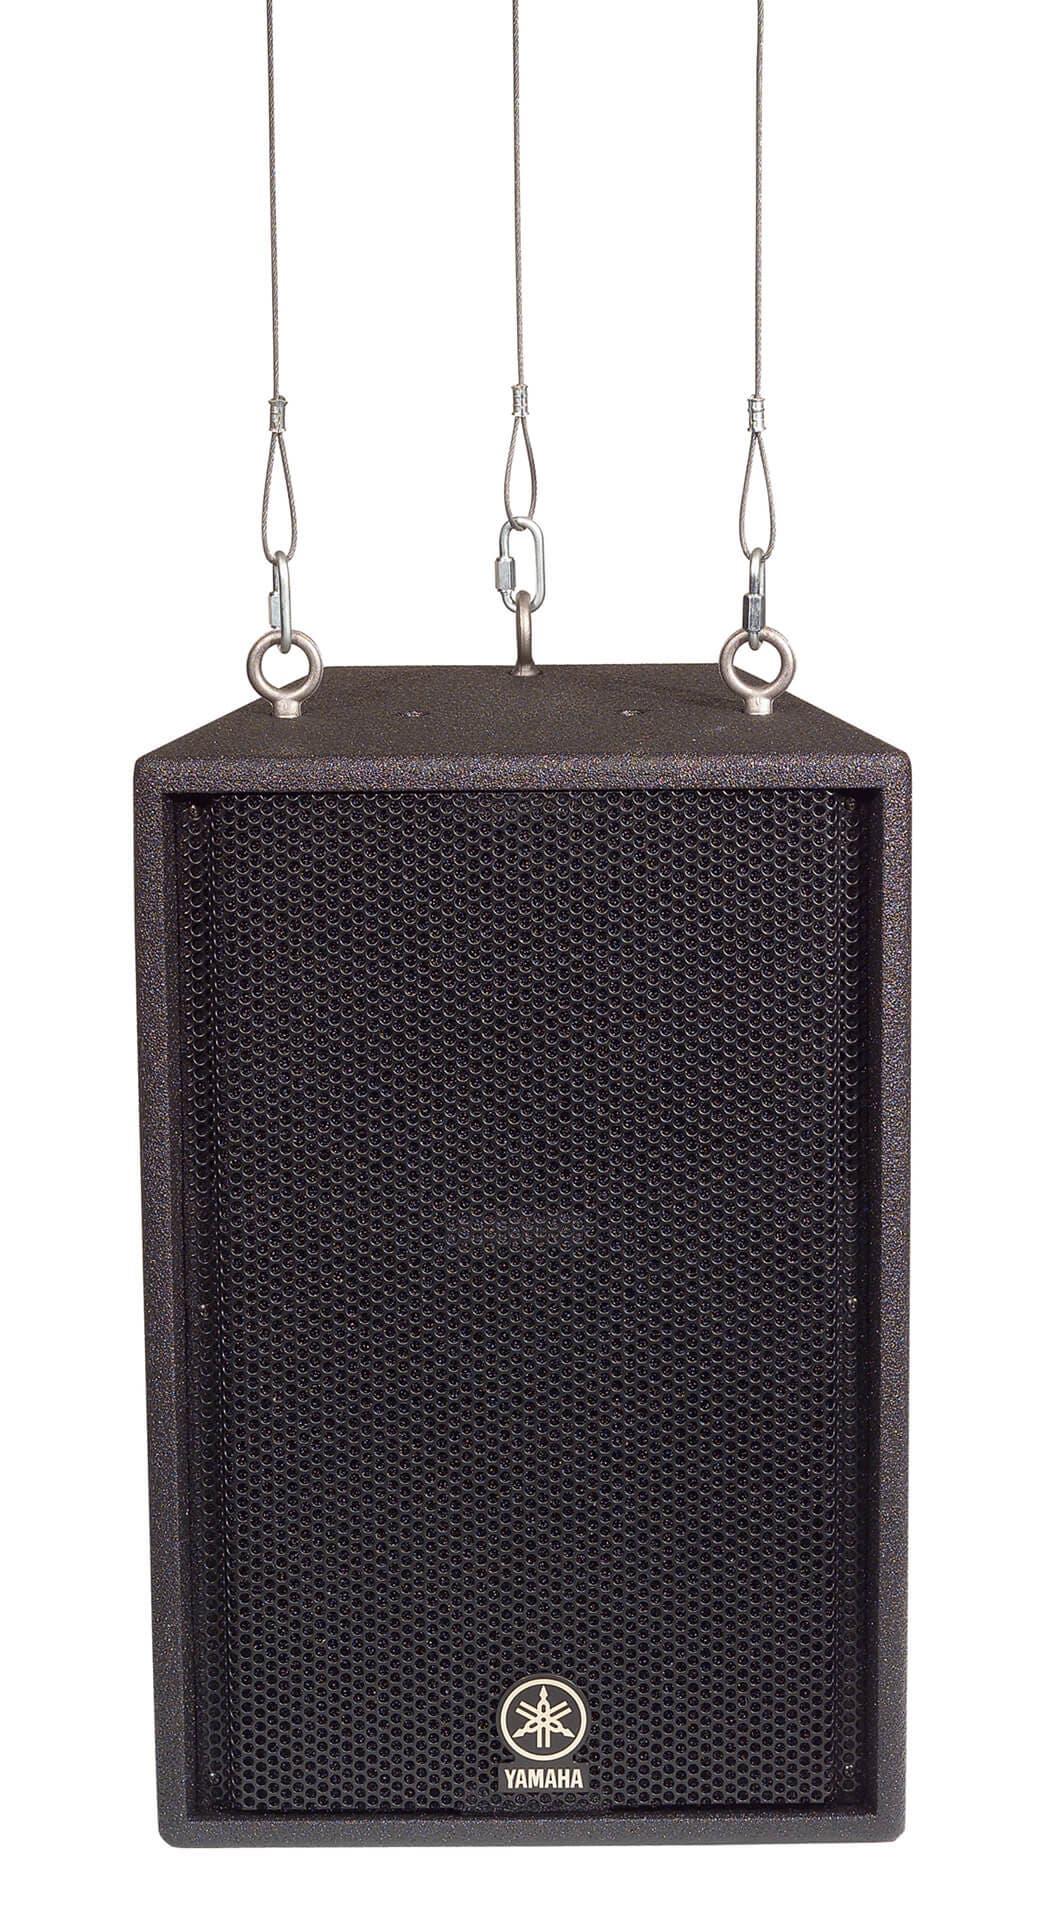 Yamaha C112VA Speaker